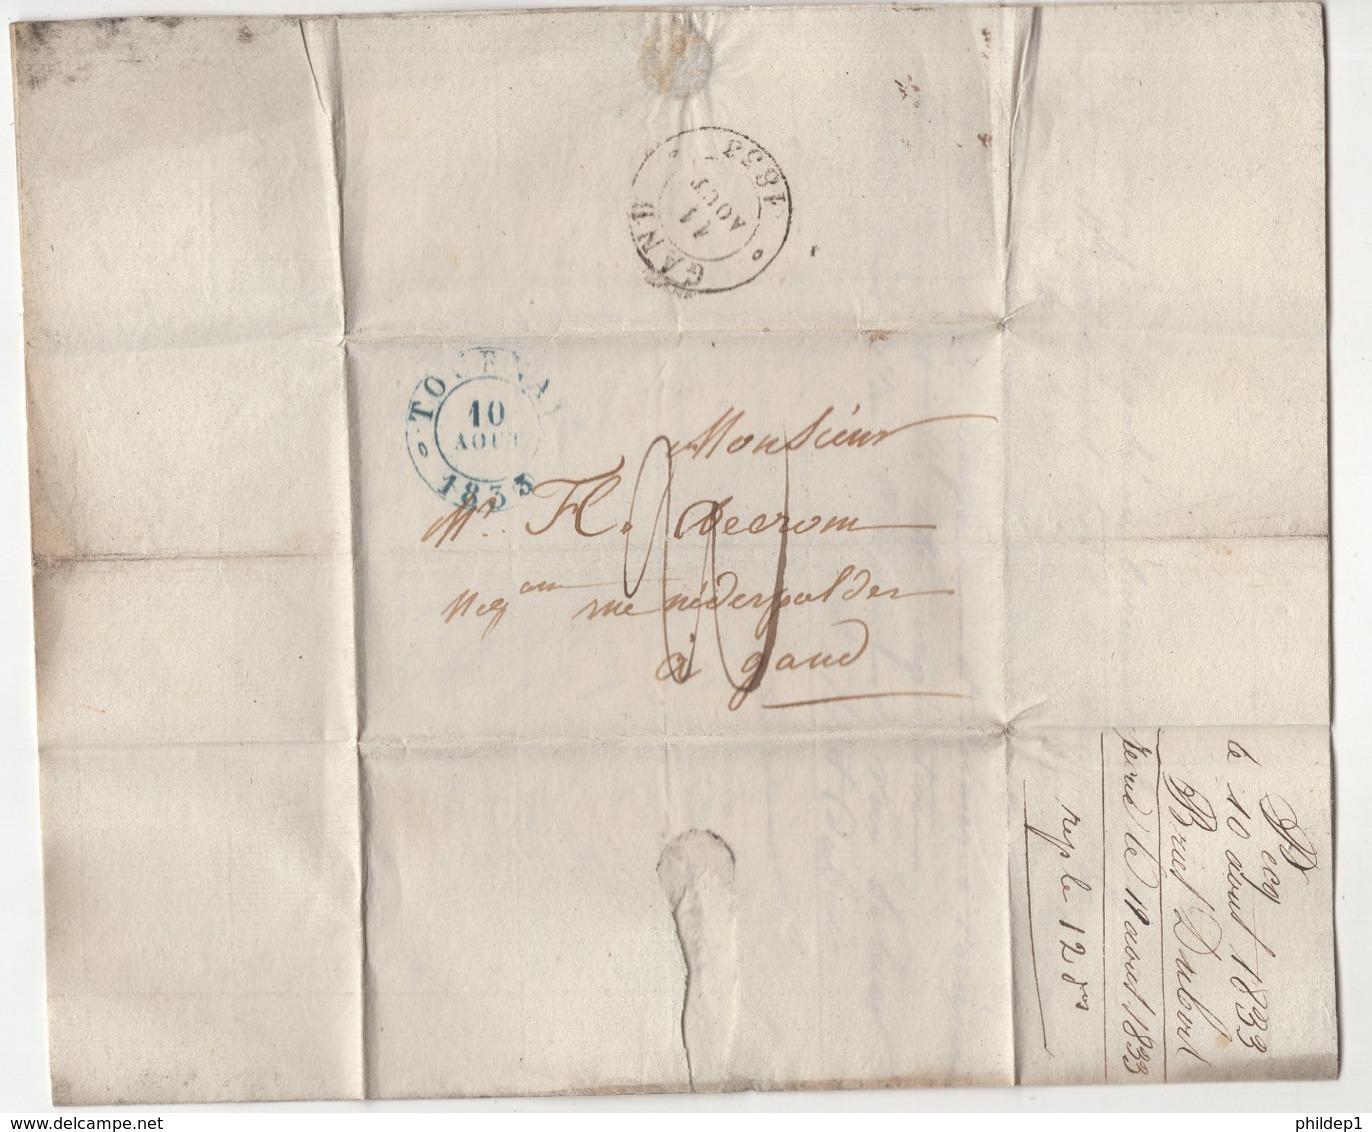 Précurseur Envoyé De Pecq Vers Gand En 1833. Je N'y Connais Pas Grand Chose - 1830-1849 (Belgique Indépendante)